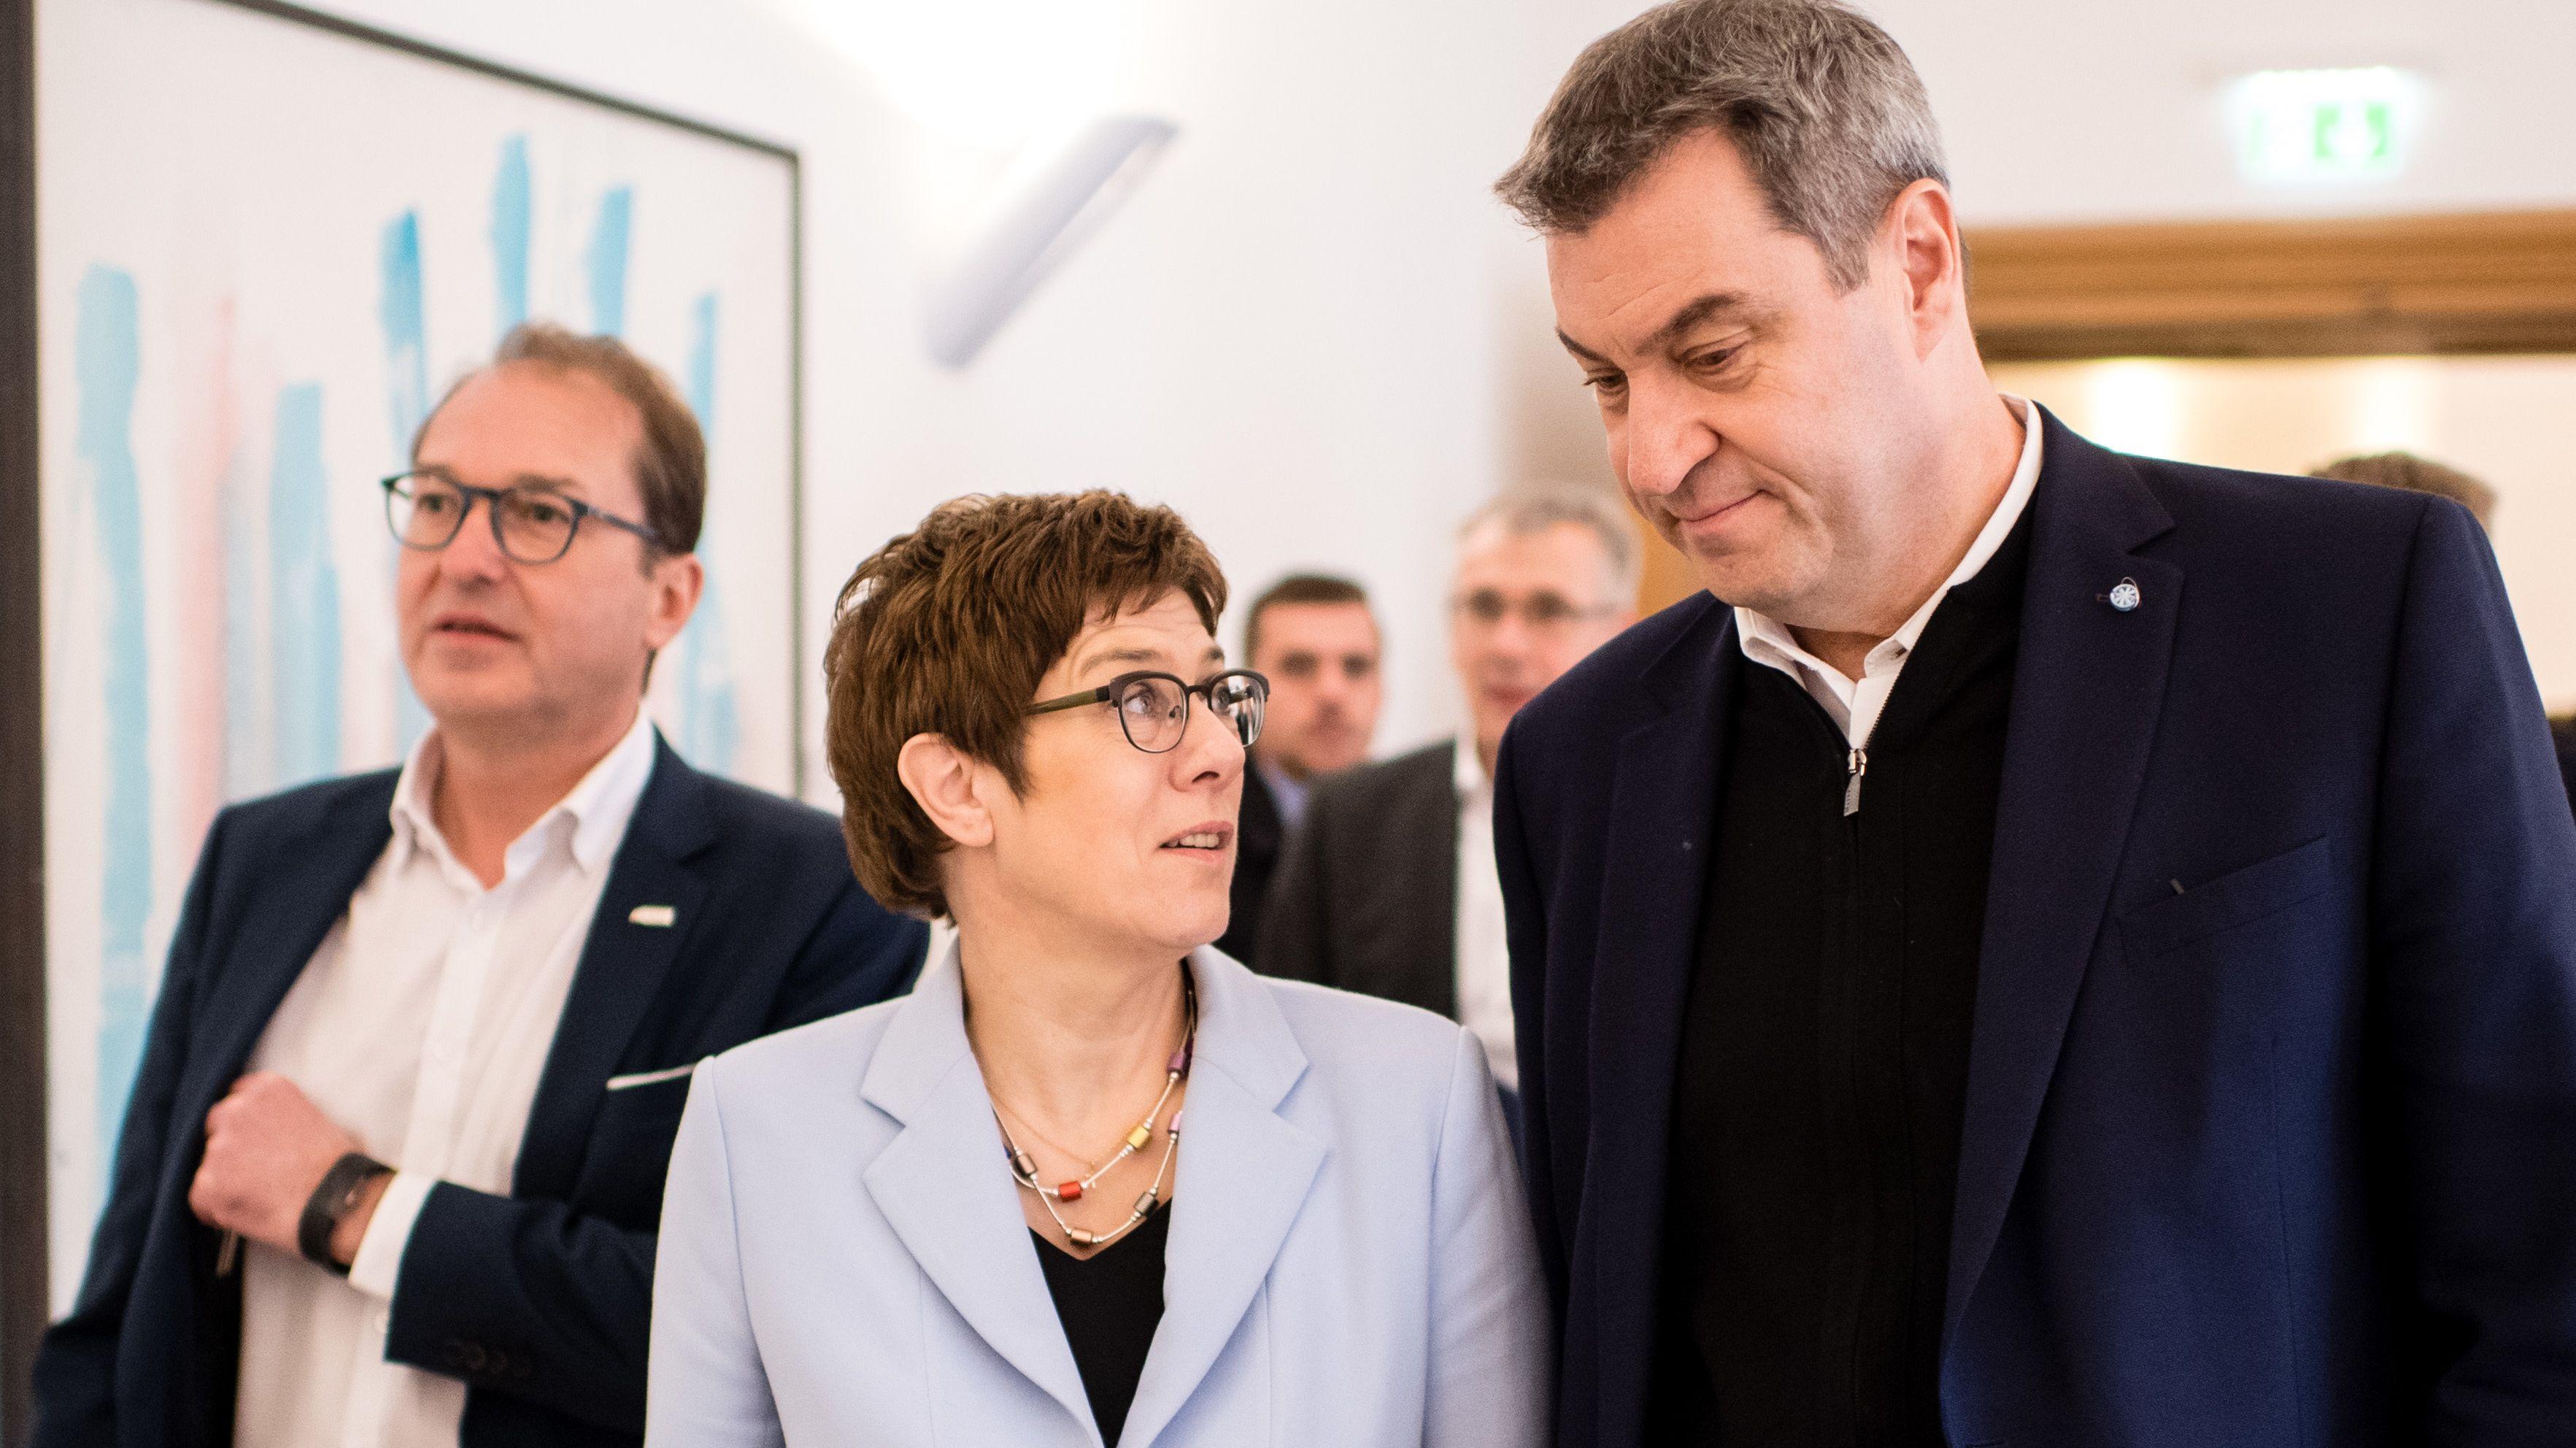 Archivbild: Kramp-Karrenbauer und Söder